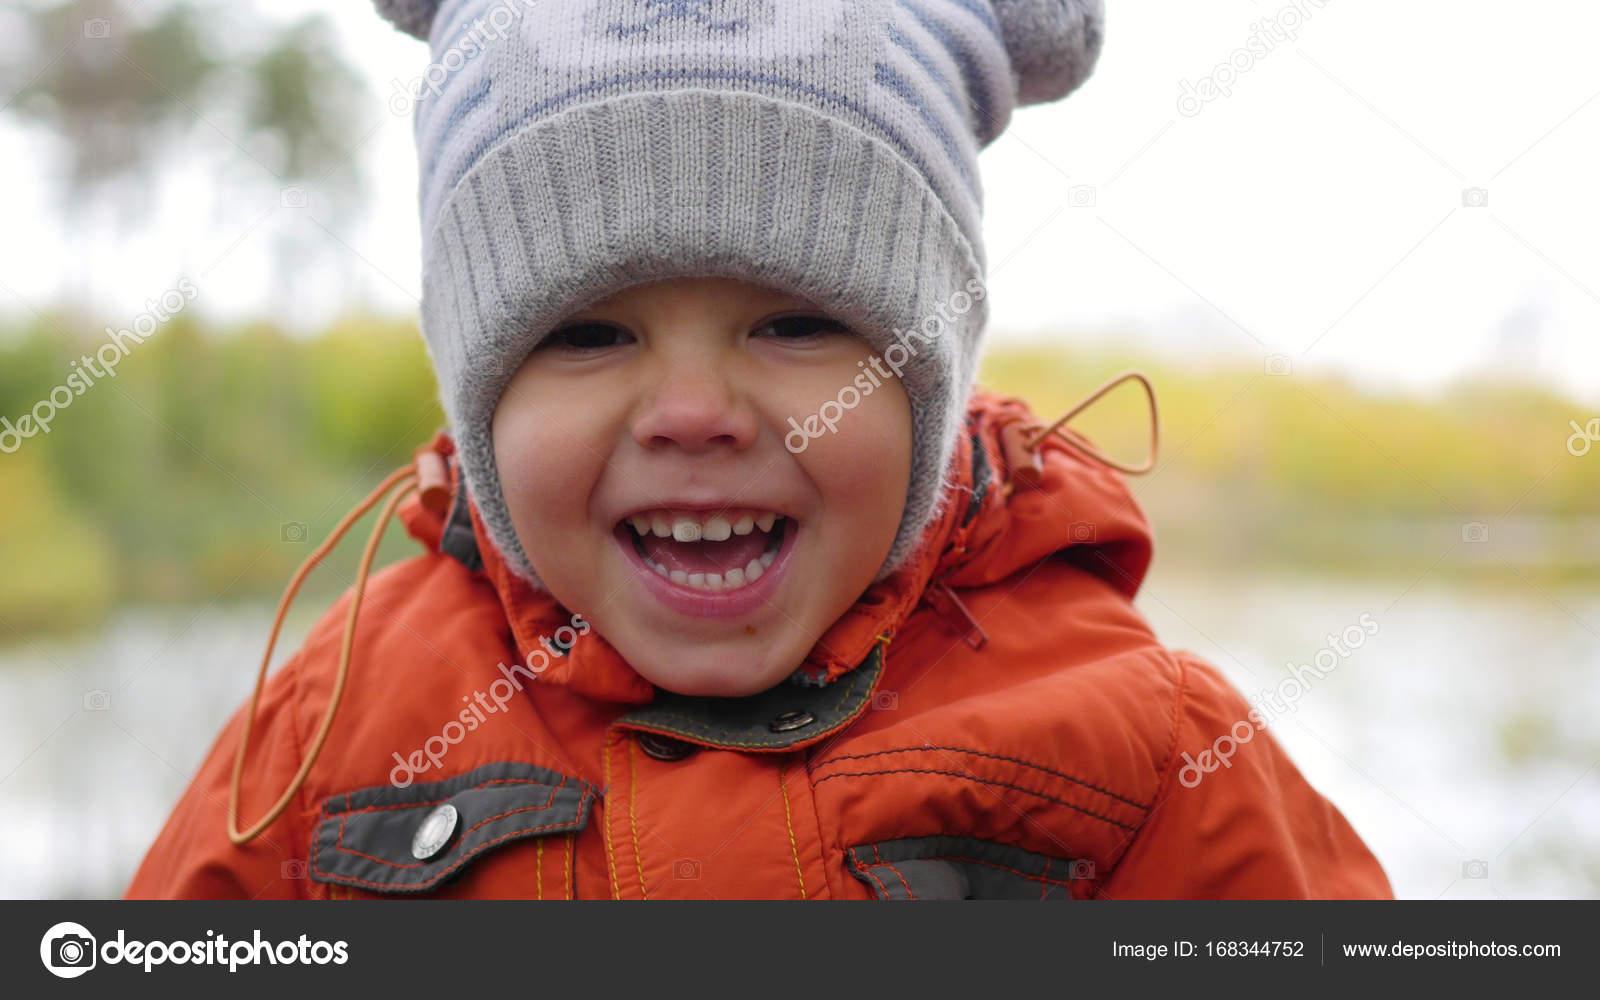 Crianças Se Divertindo No Parque: Criança No Outono Parque Se Divertindo, Brincando E Rindo